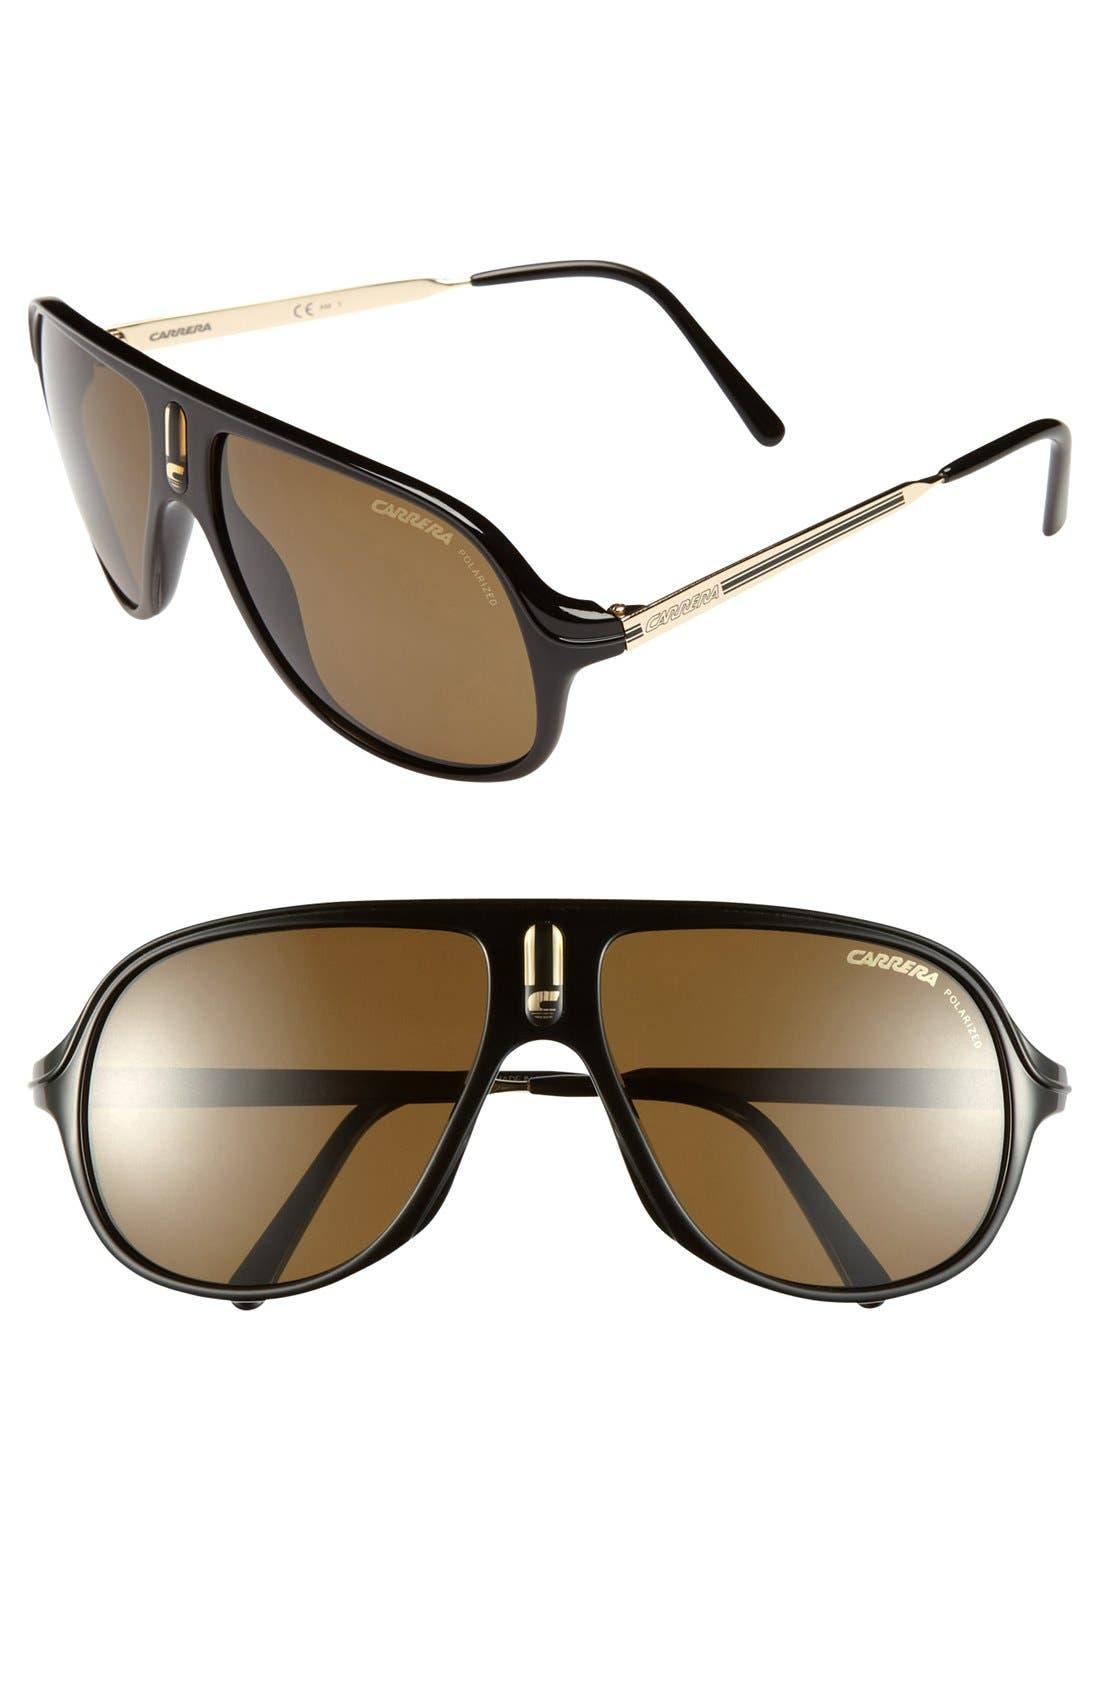 Main Image - Carrera Eyewear 'Safari' 62mm Retro Inspired Aviator Sunglasses